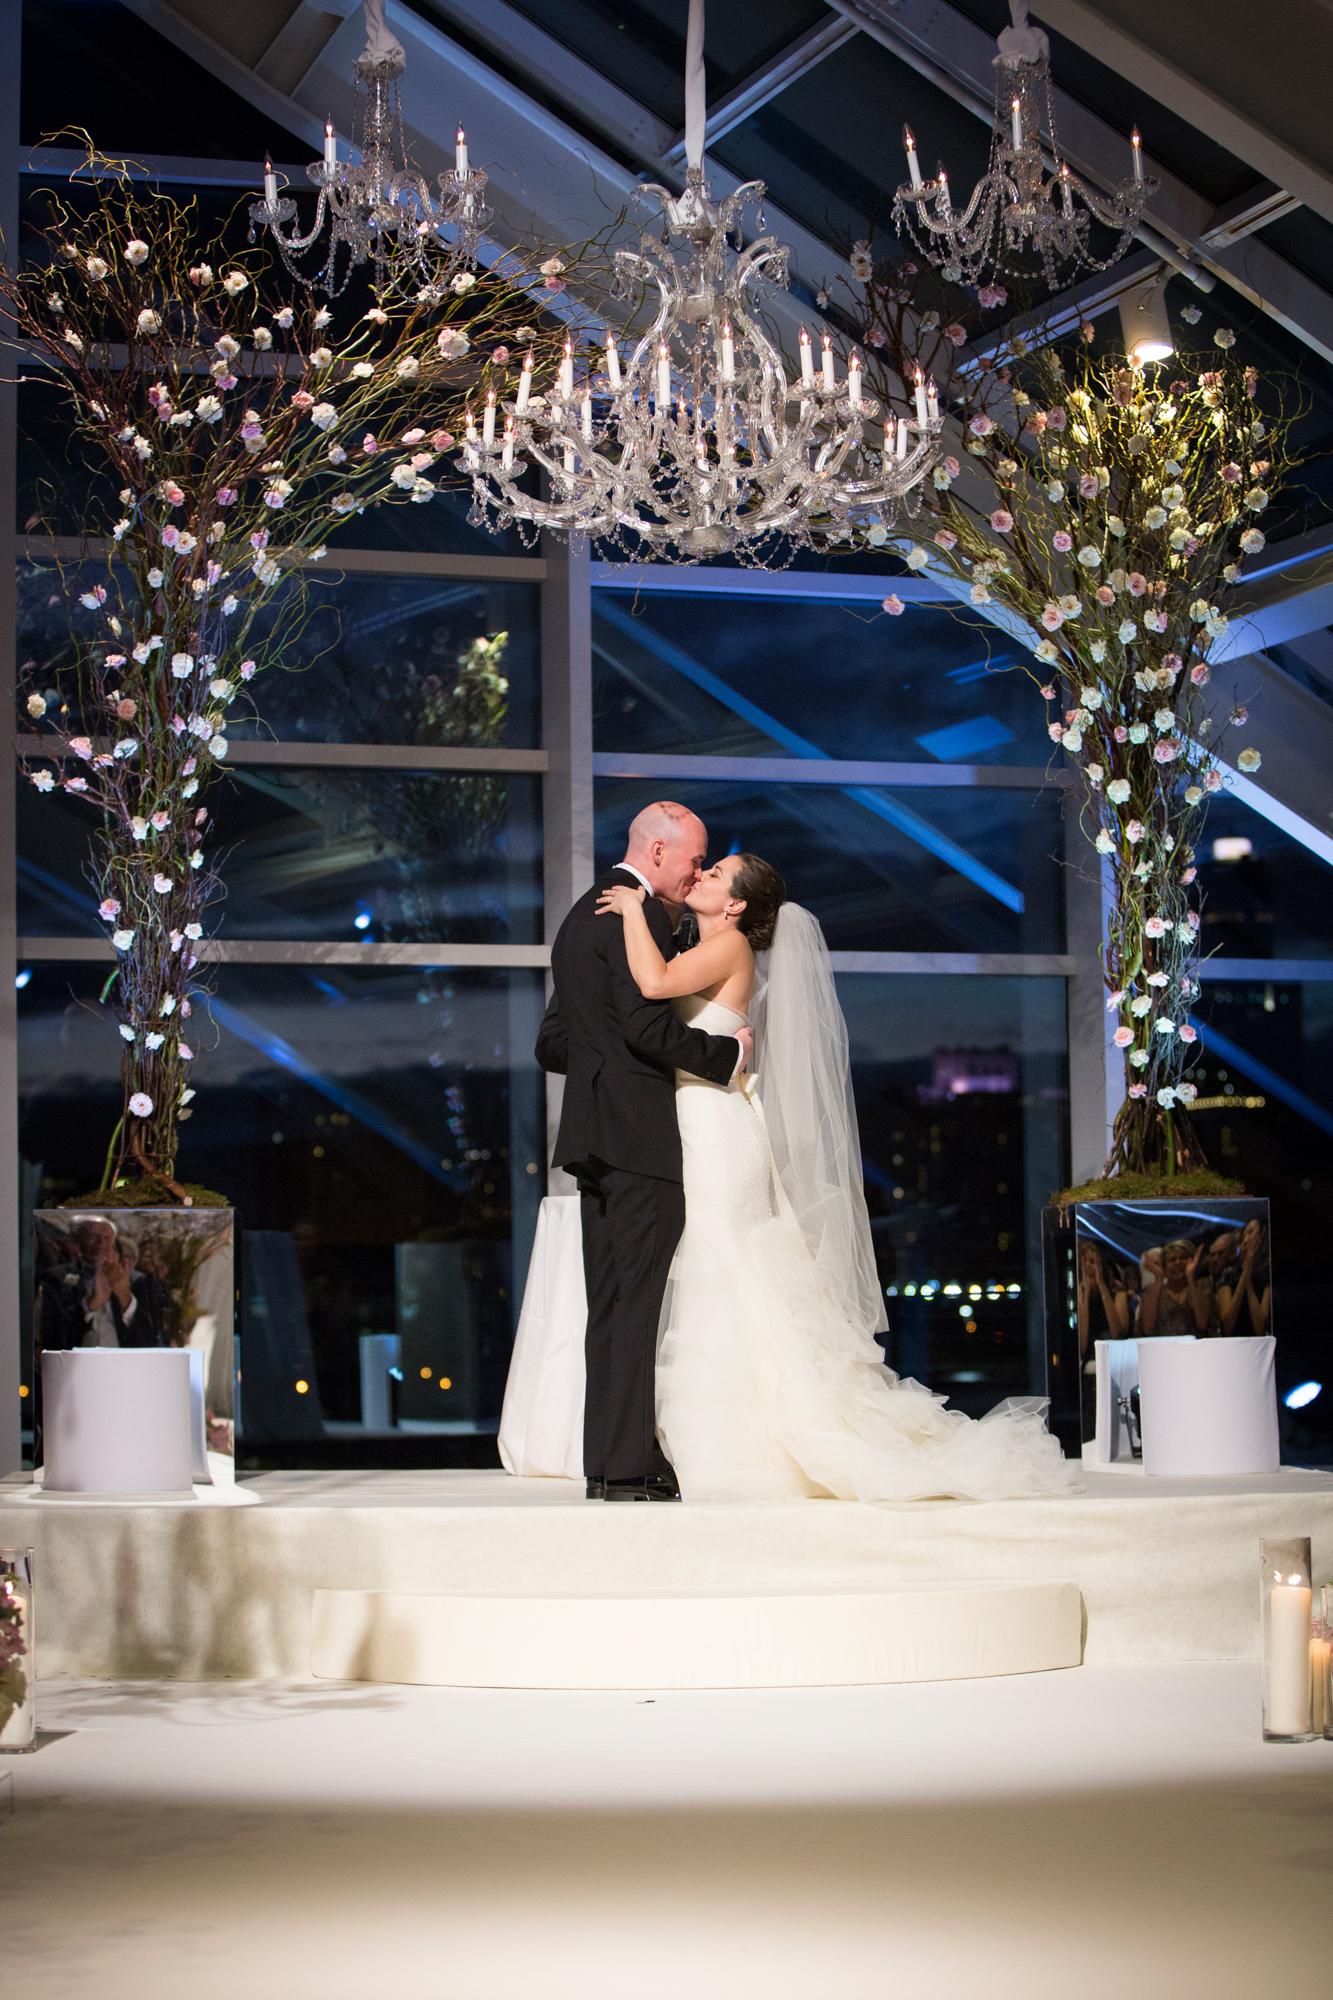 Autumn wedding ceremony in Chicago at Adler Planetarium.